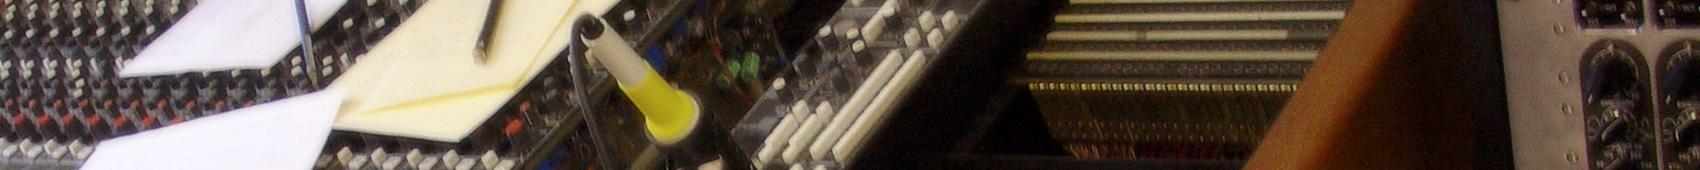 topimg6